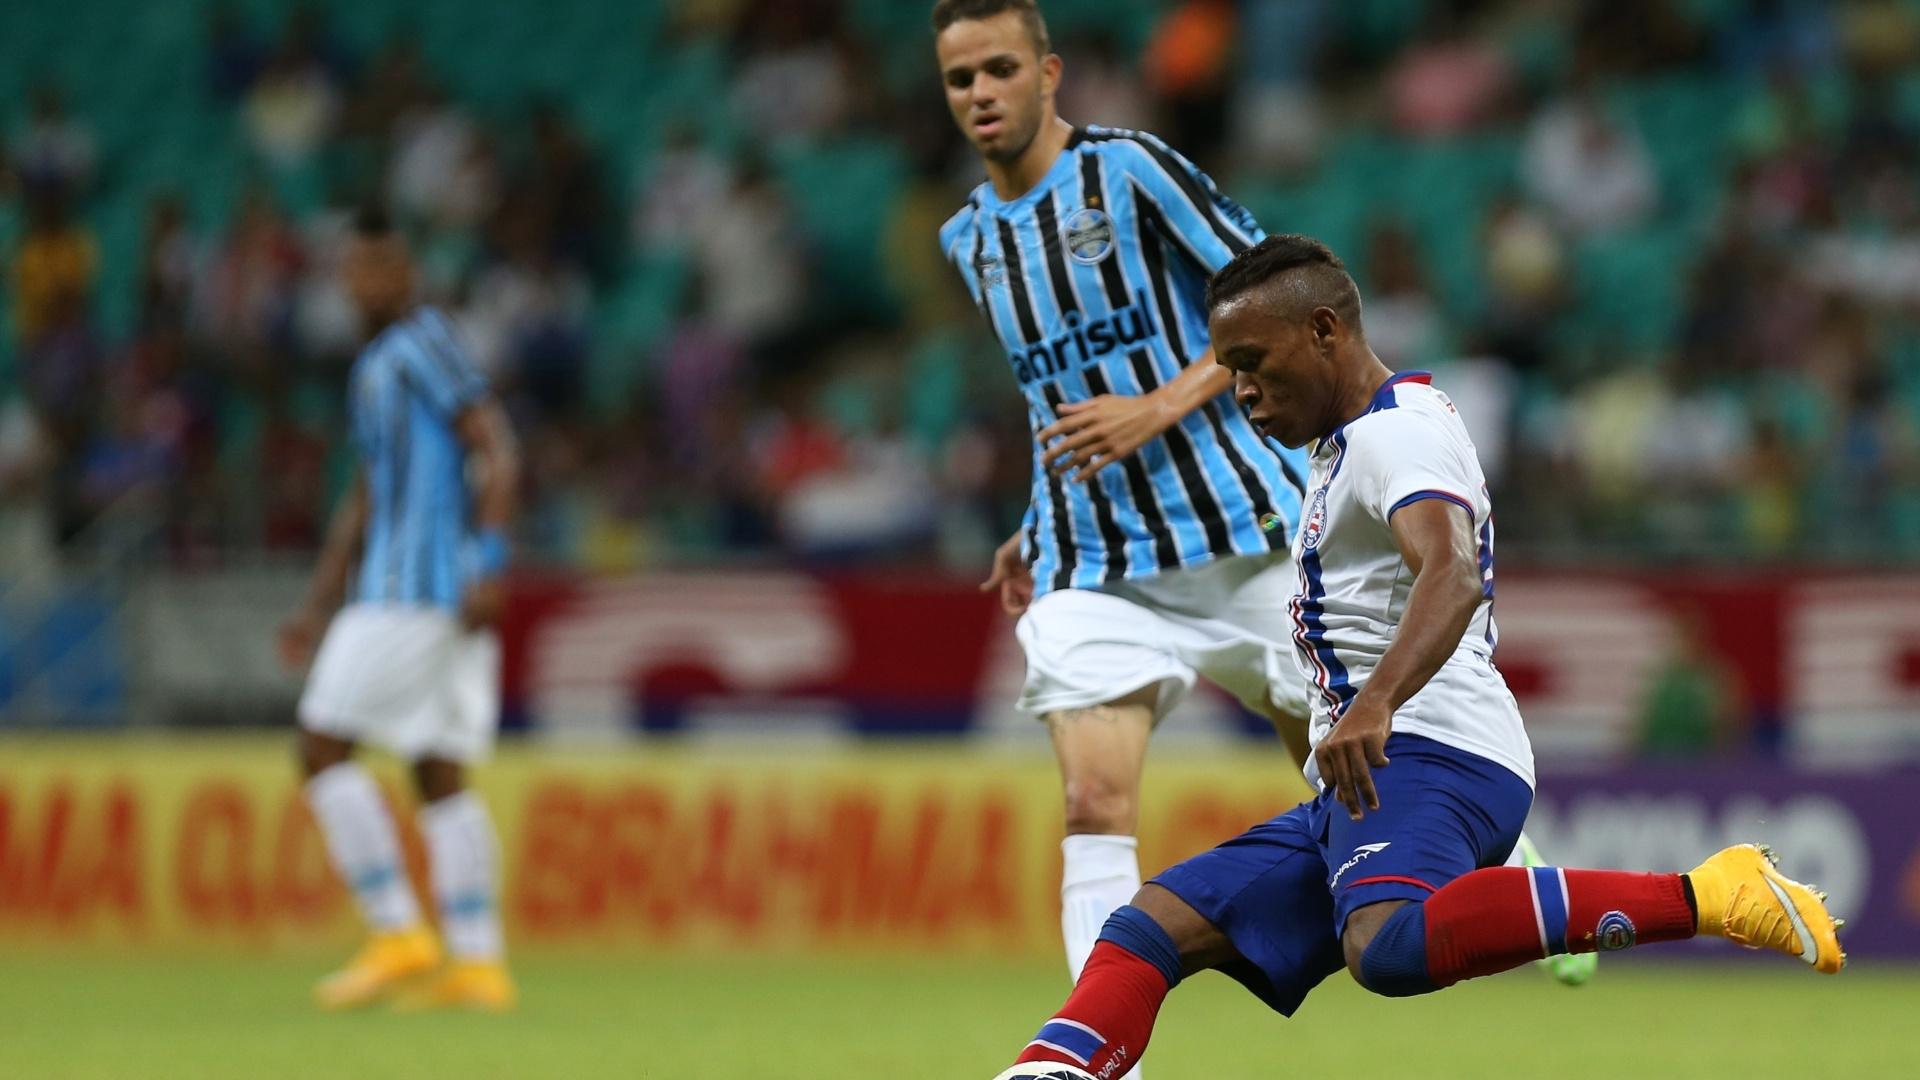 Lateral Pará acompanha jogada de ataque do Bahia em Salvador